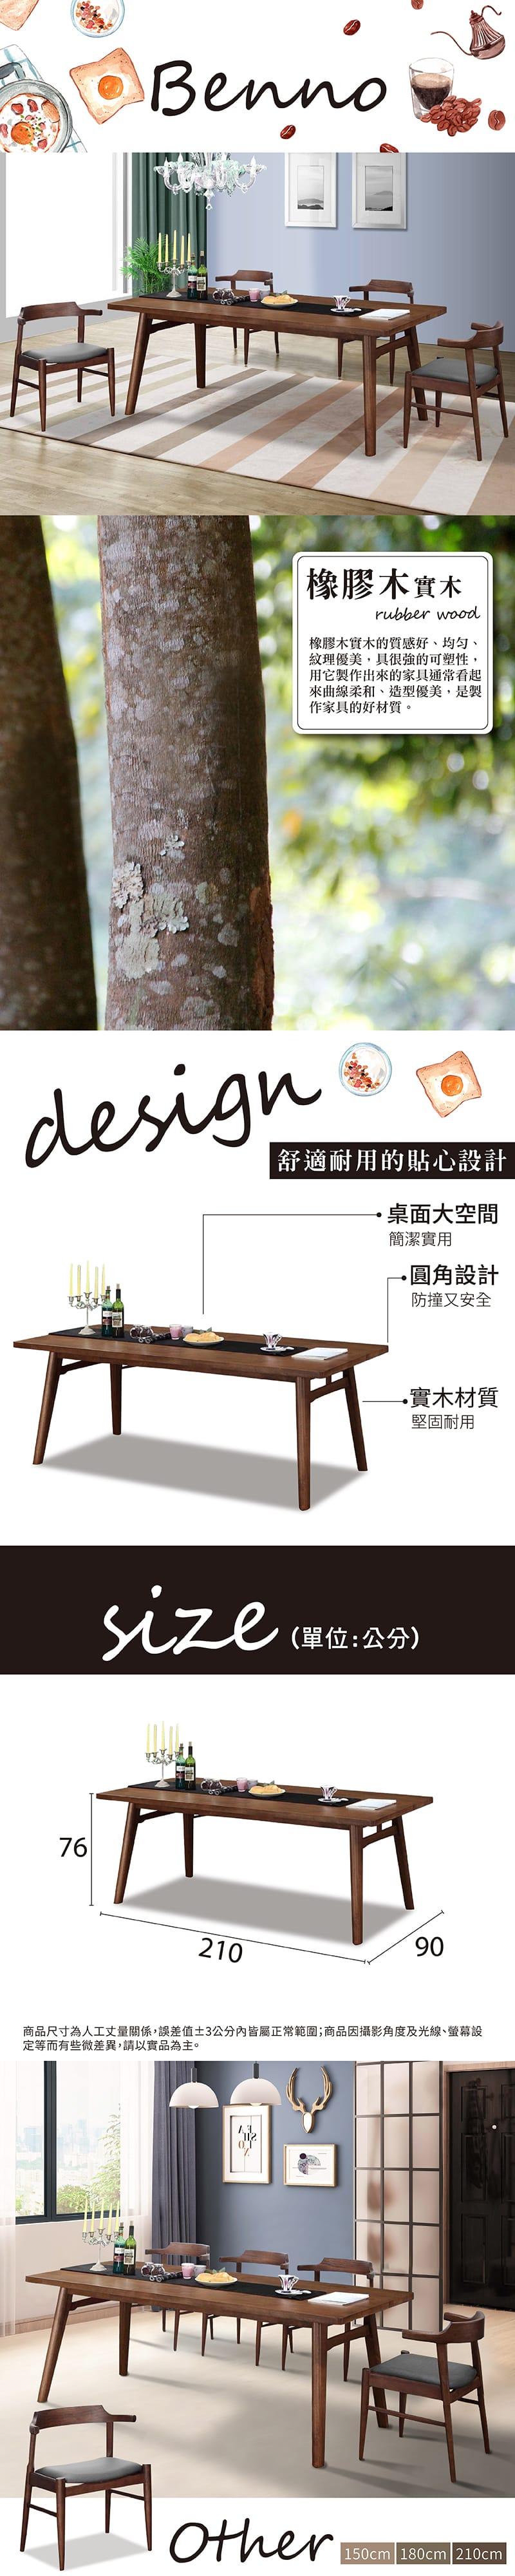 班諾 實木餐桌 寬210cm